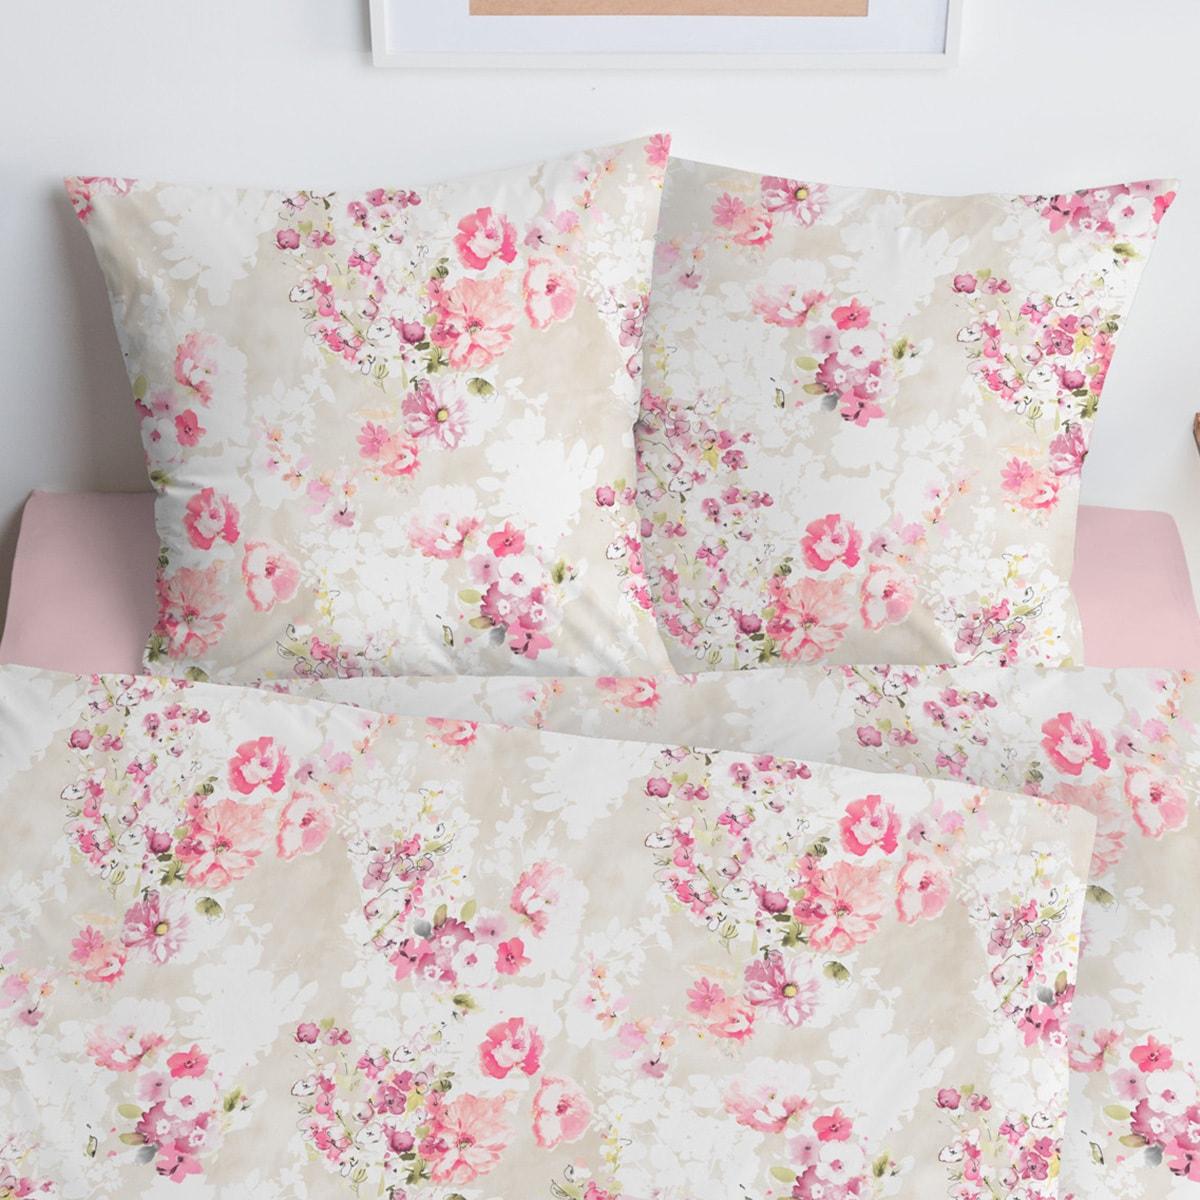 estella mako interlock jersey bettw sche 6135 250 azalee g nstig online kaufen bei bettwaren shop. Black Bedroom Furniture Sets. Home Design Ideas